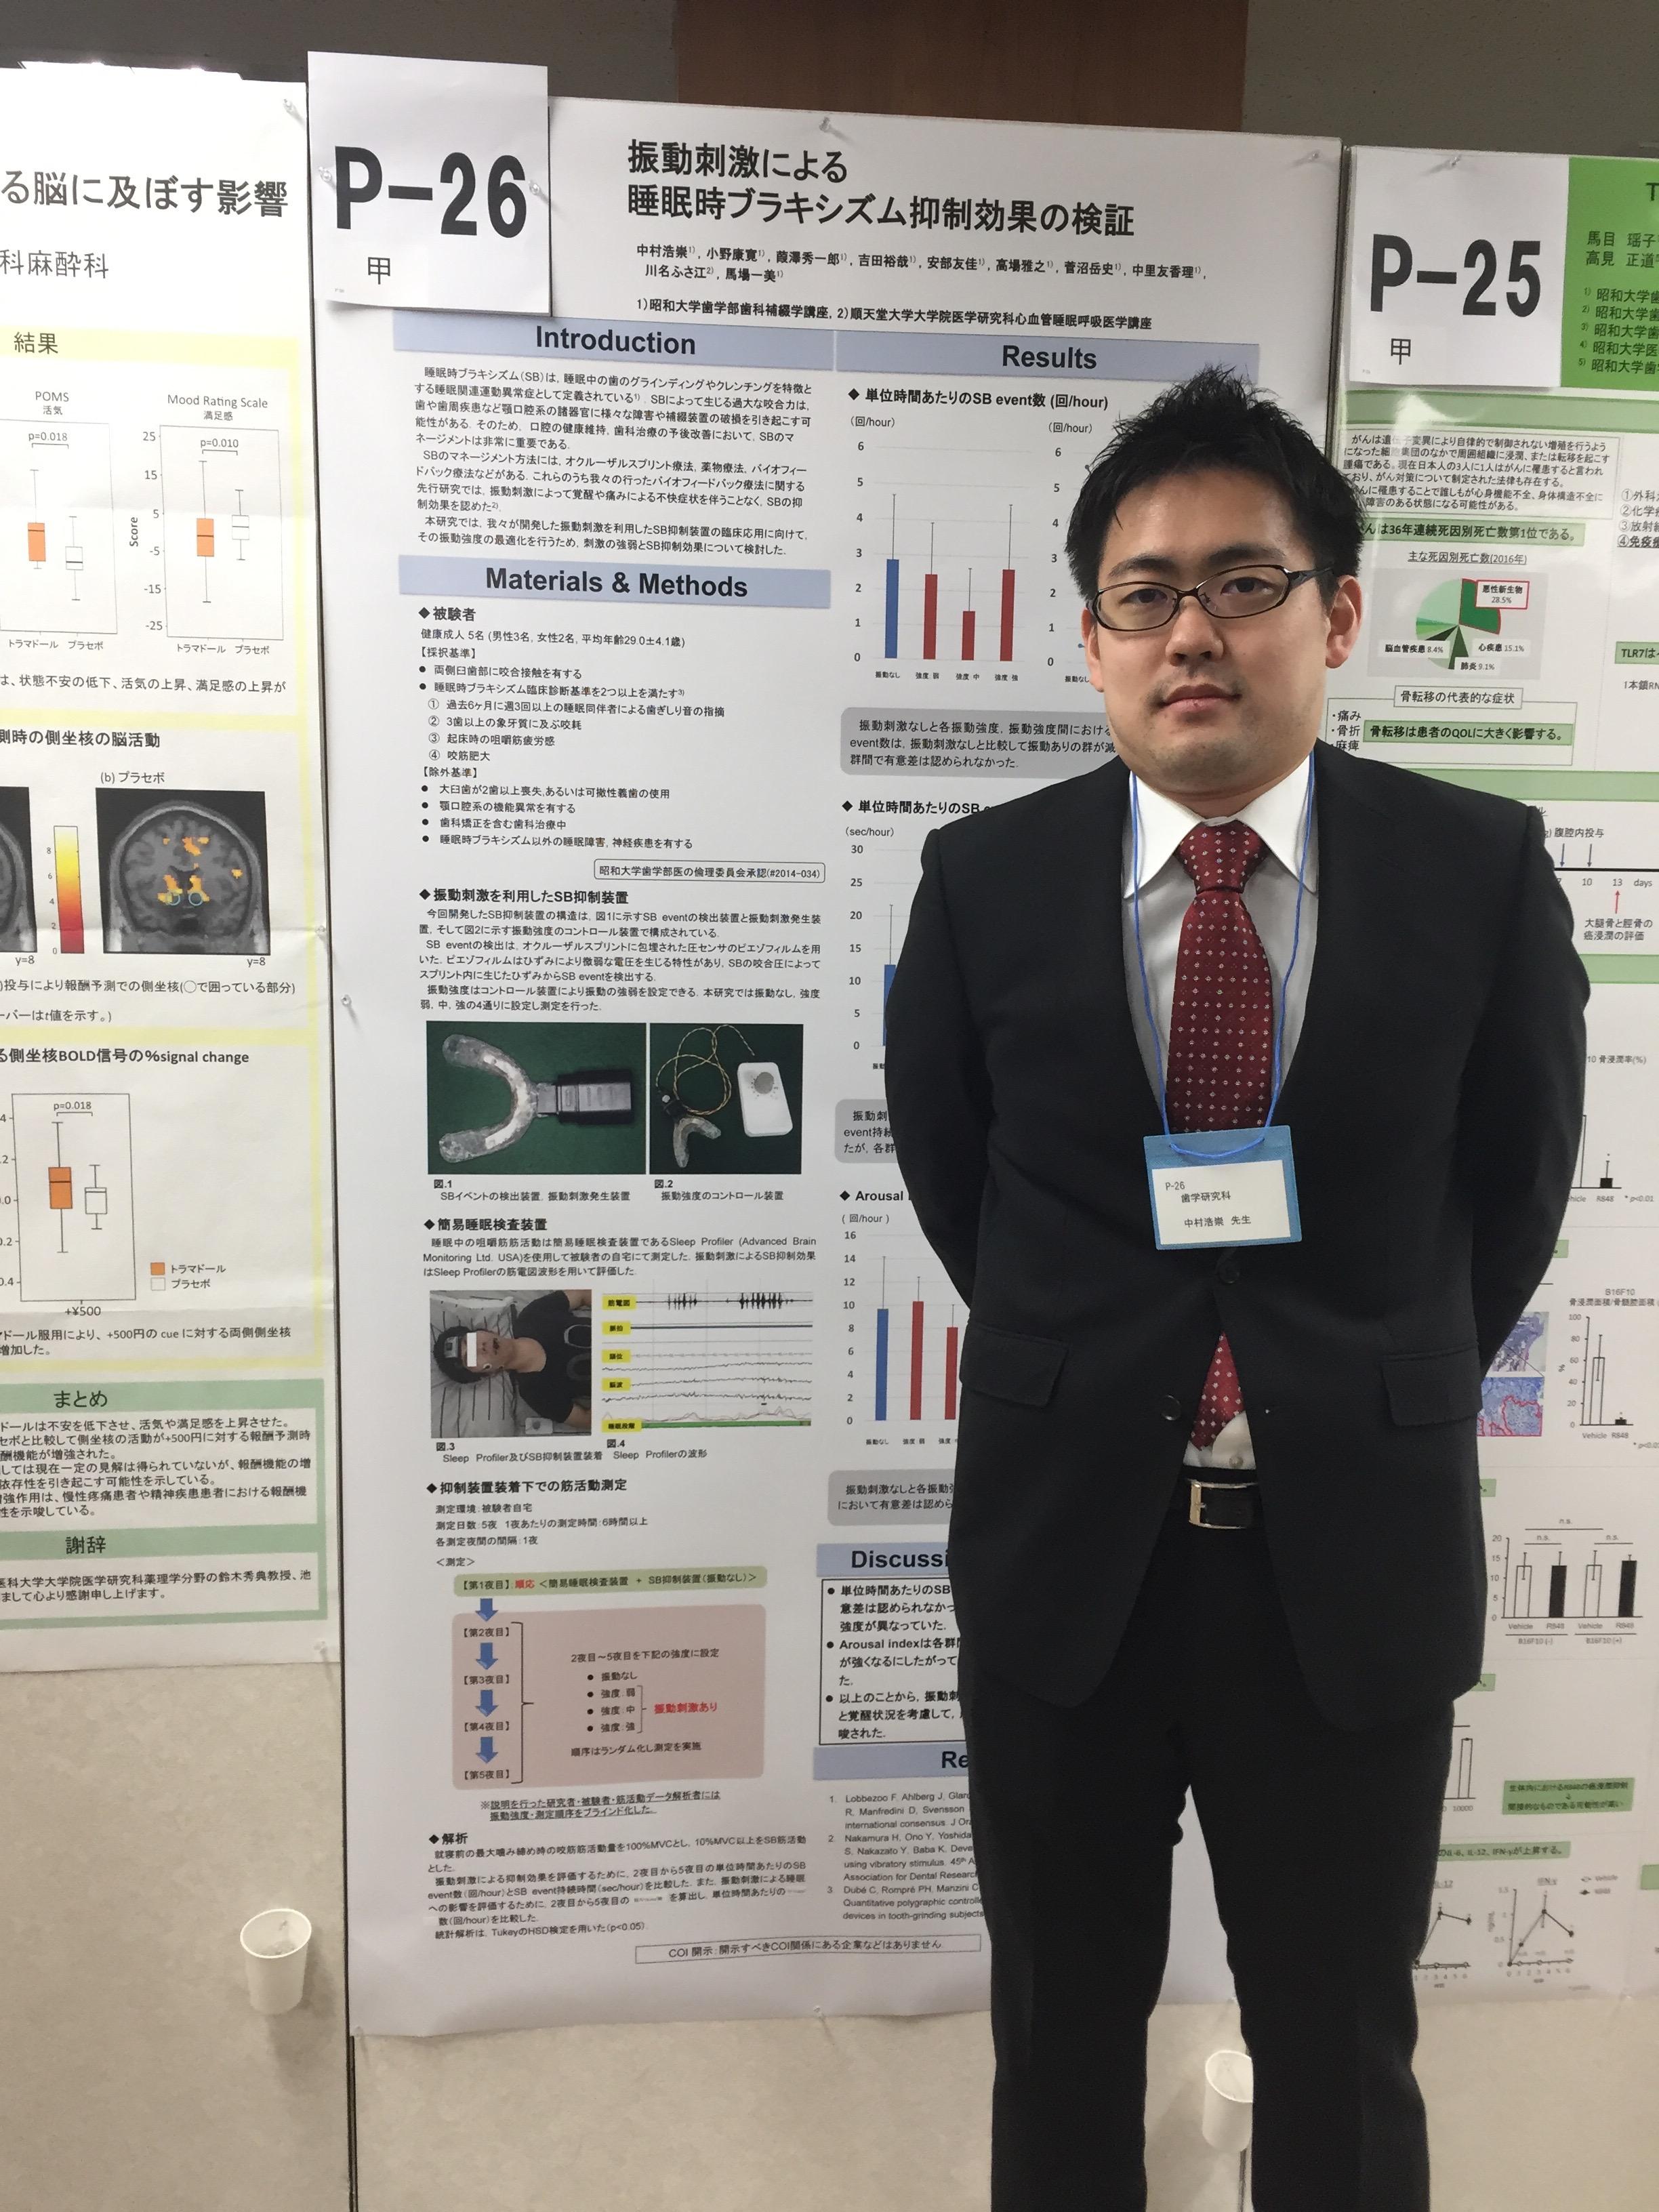 第64回 昭和大学学士会総会にて発表しました。